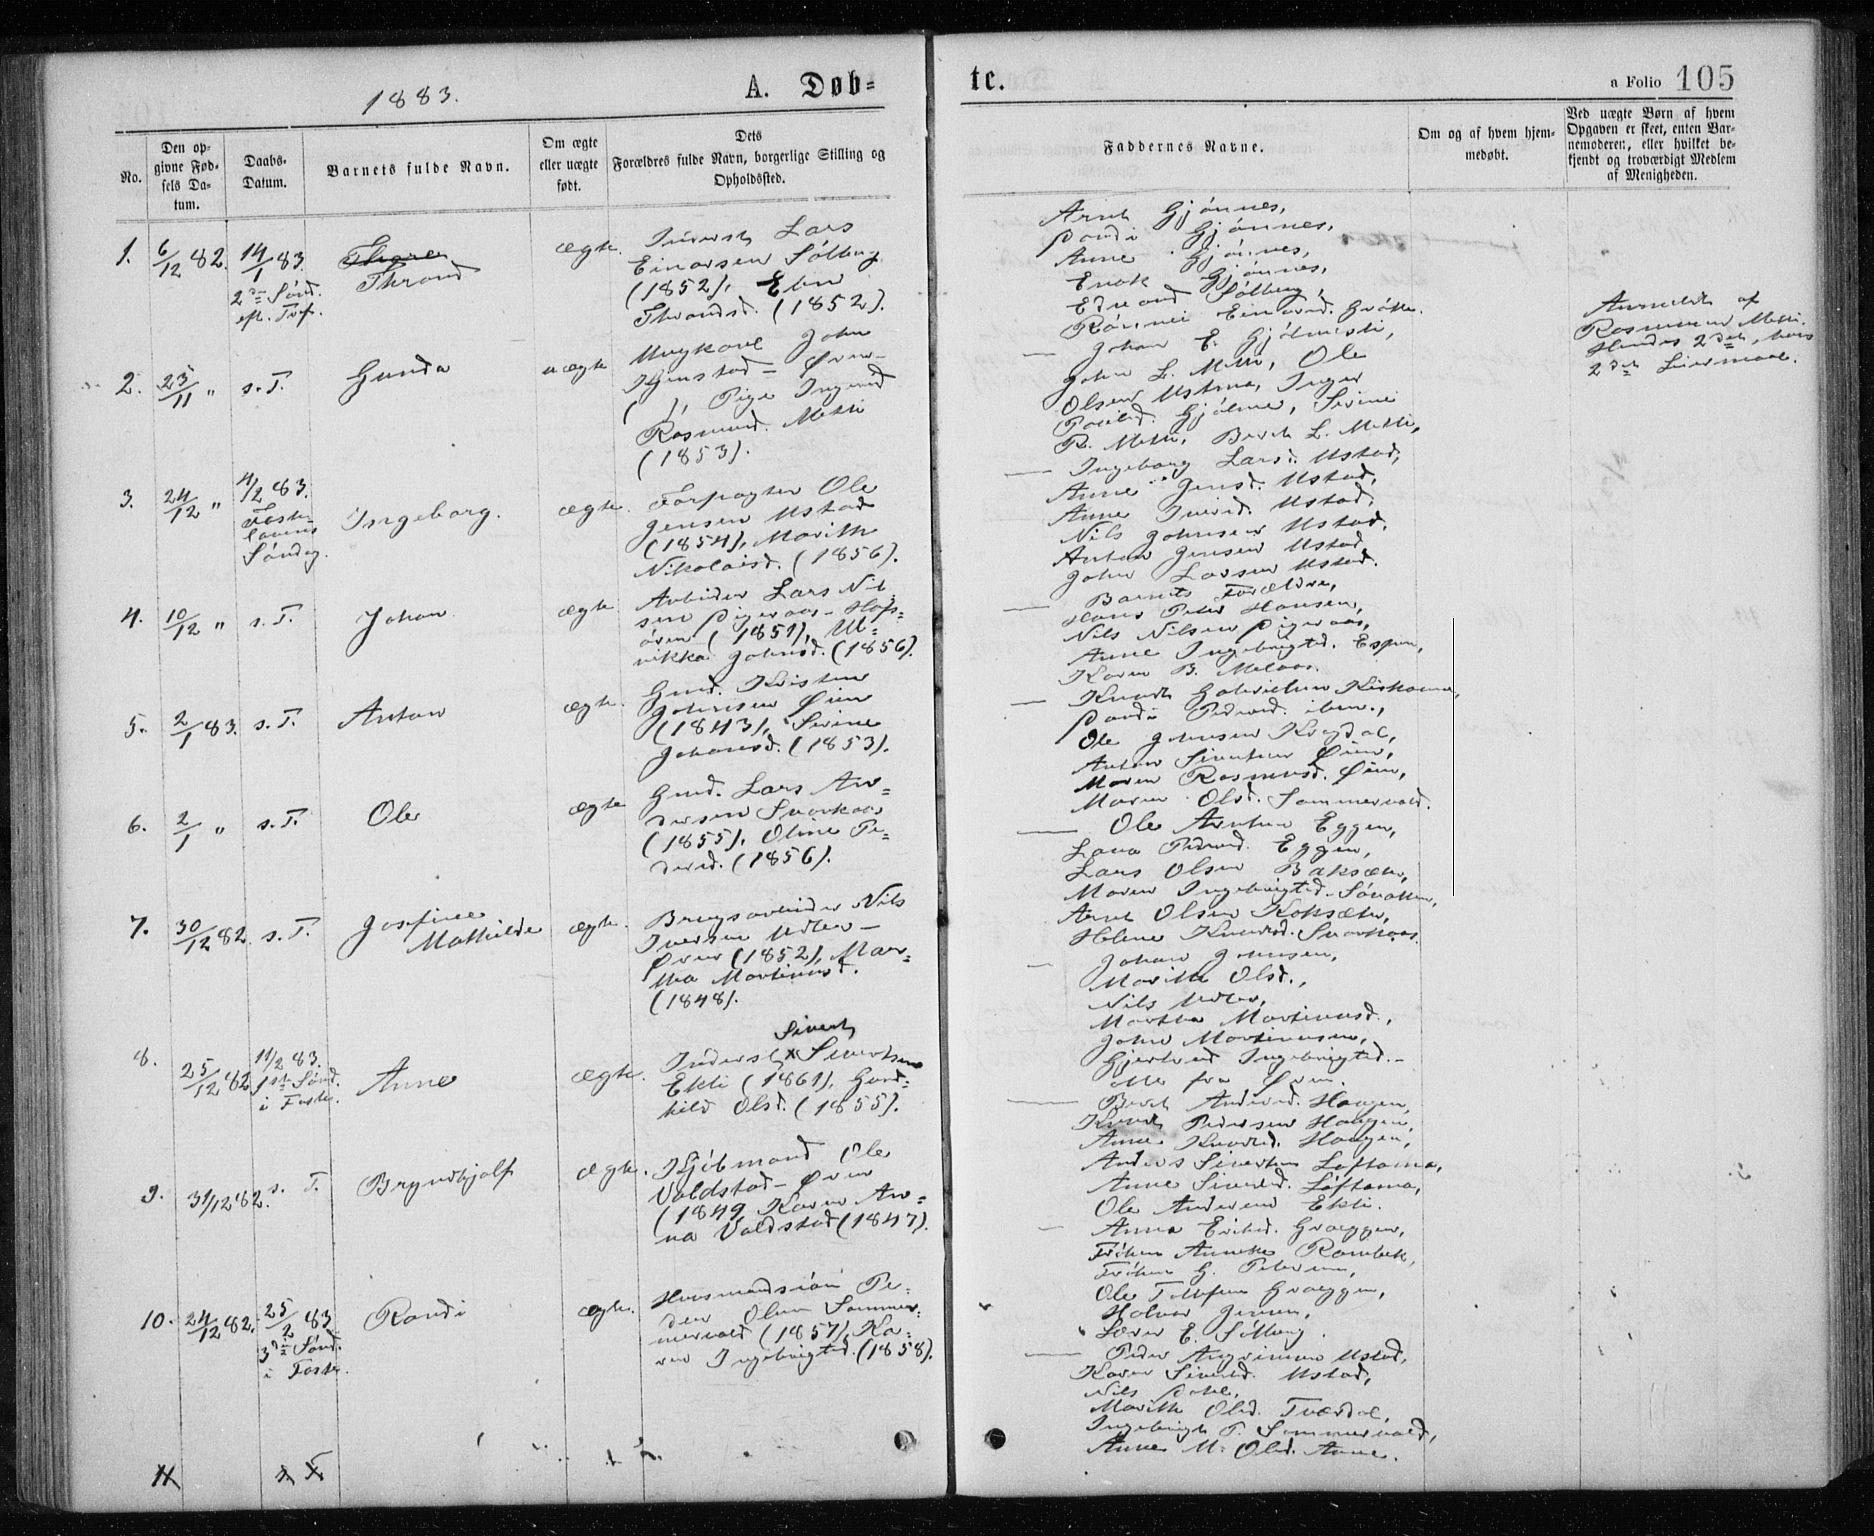 SAT, Ministerialprotokoller, klokkerbøker og fødselsregistre - Sør-Trøndelag, 668/L0817: Klokkerbok nr. 668C06, 1873-1884, s. 105